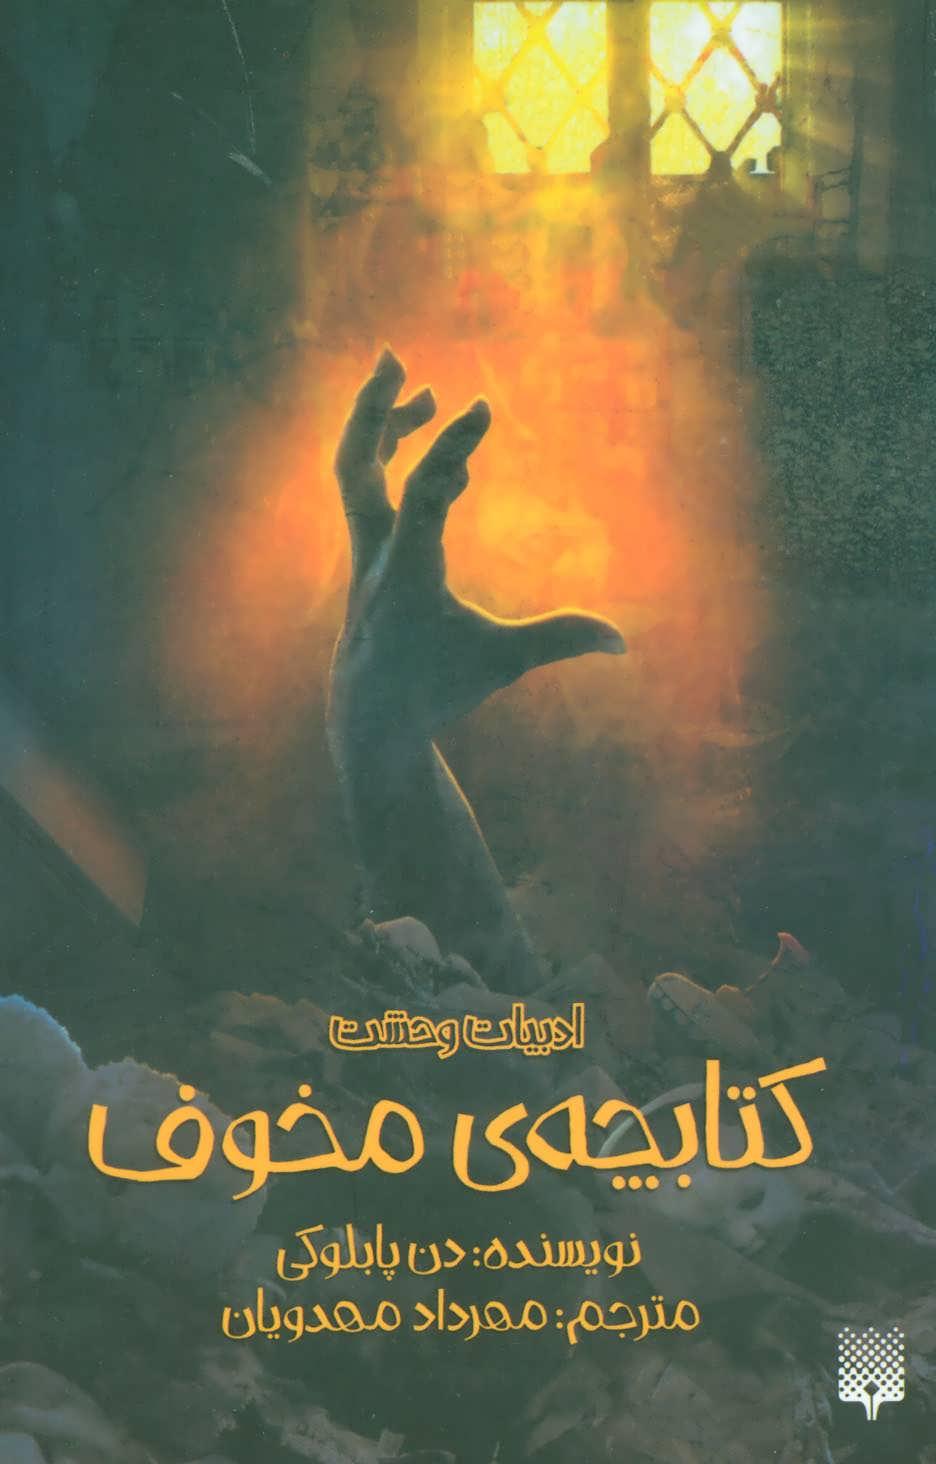 کتابچه ی مخوف (ادبیات وحشت)